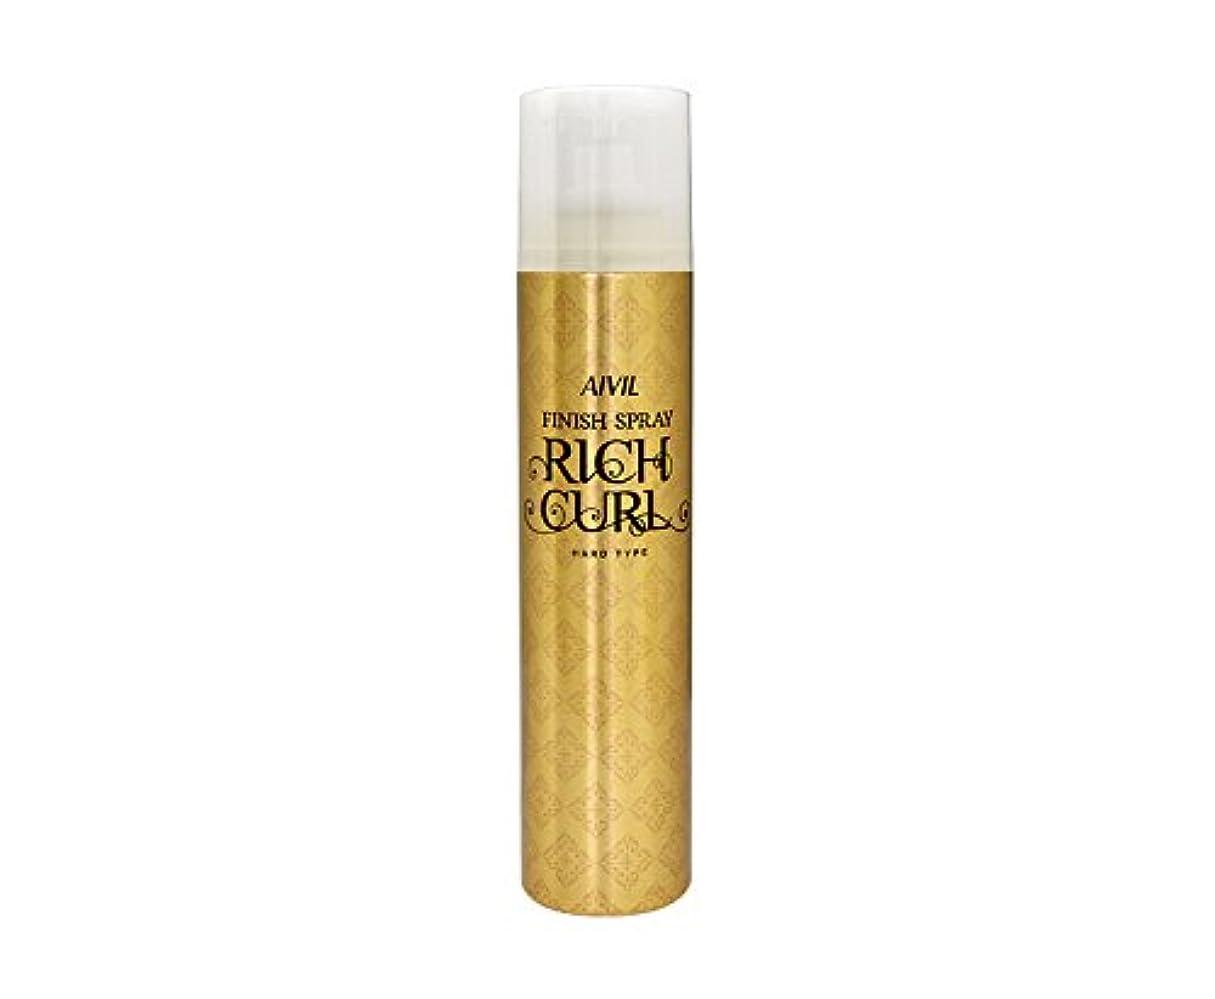 エコー引き出すイノセンスアイビル フィニッシュスプレーリッチカール 180gフローラルフルーティの香り